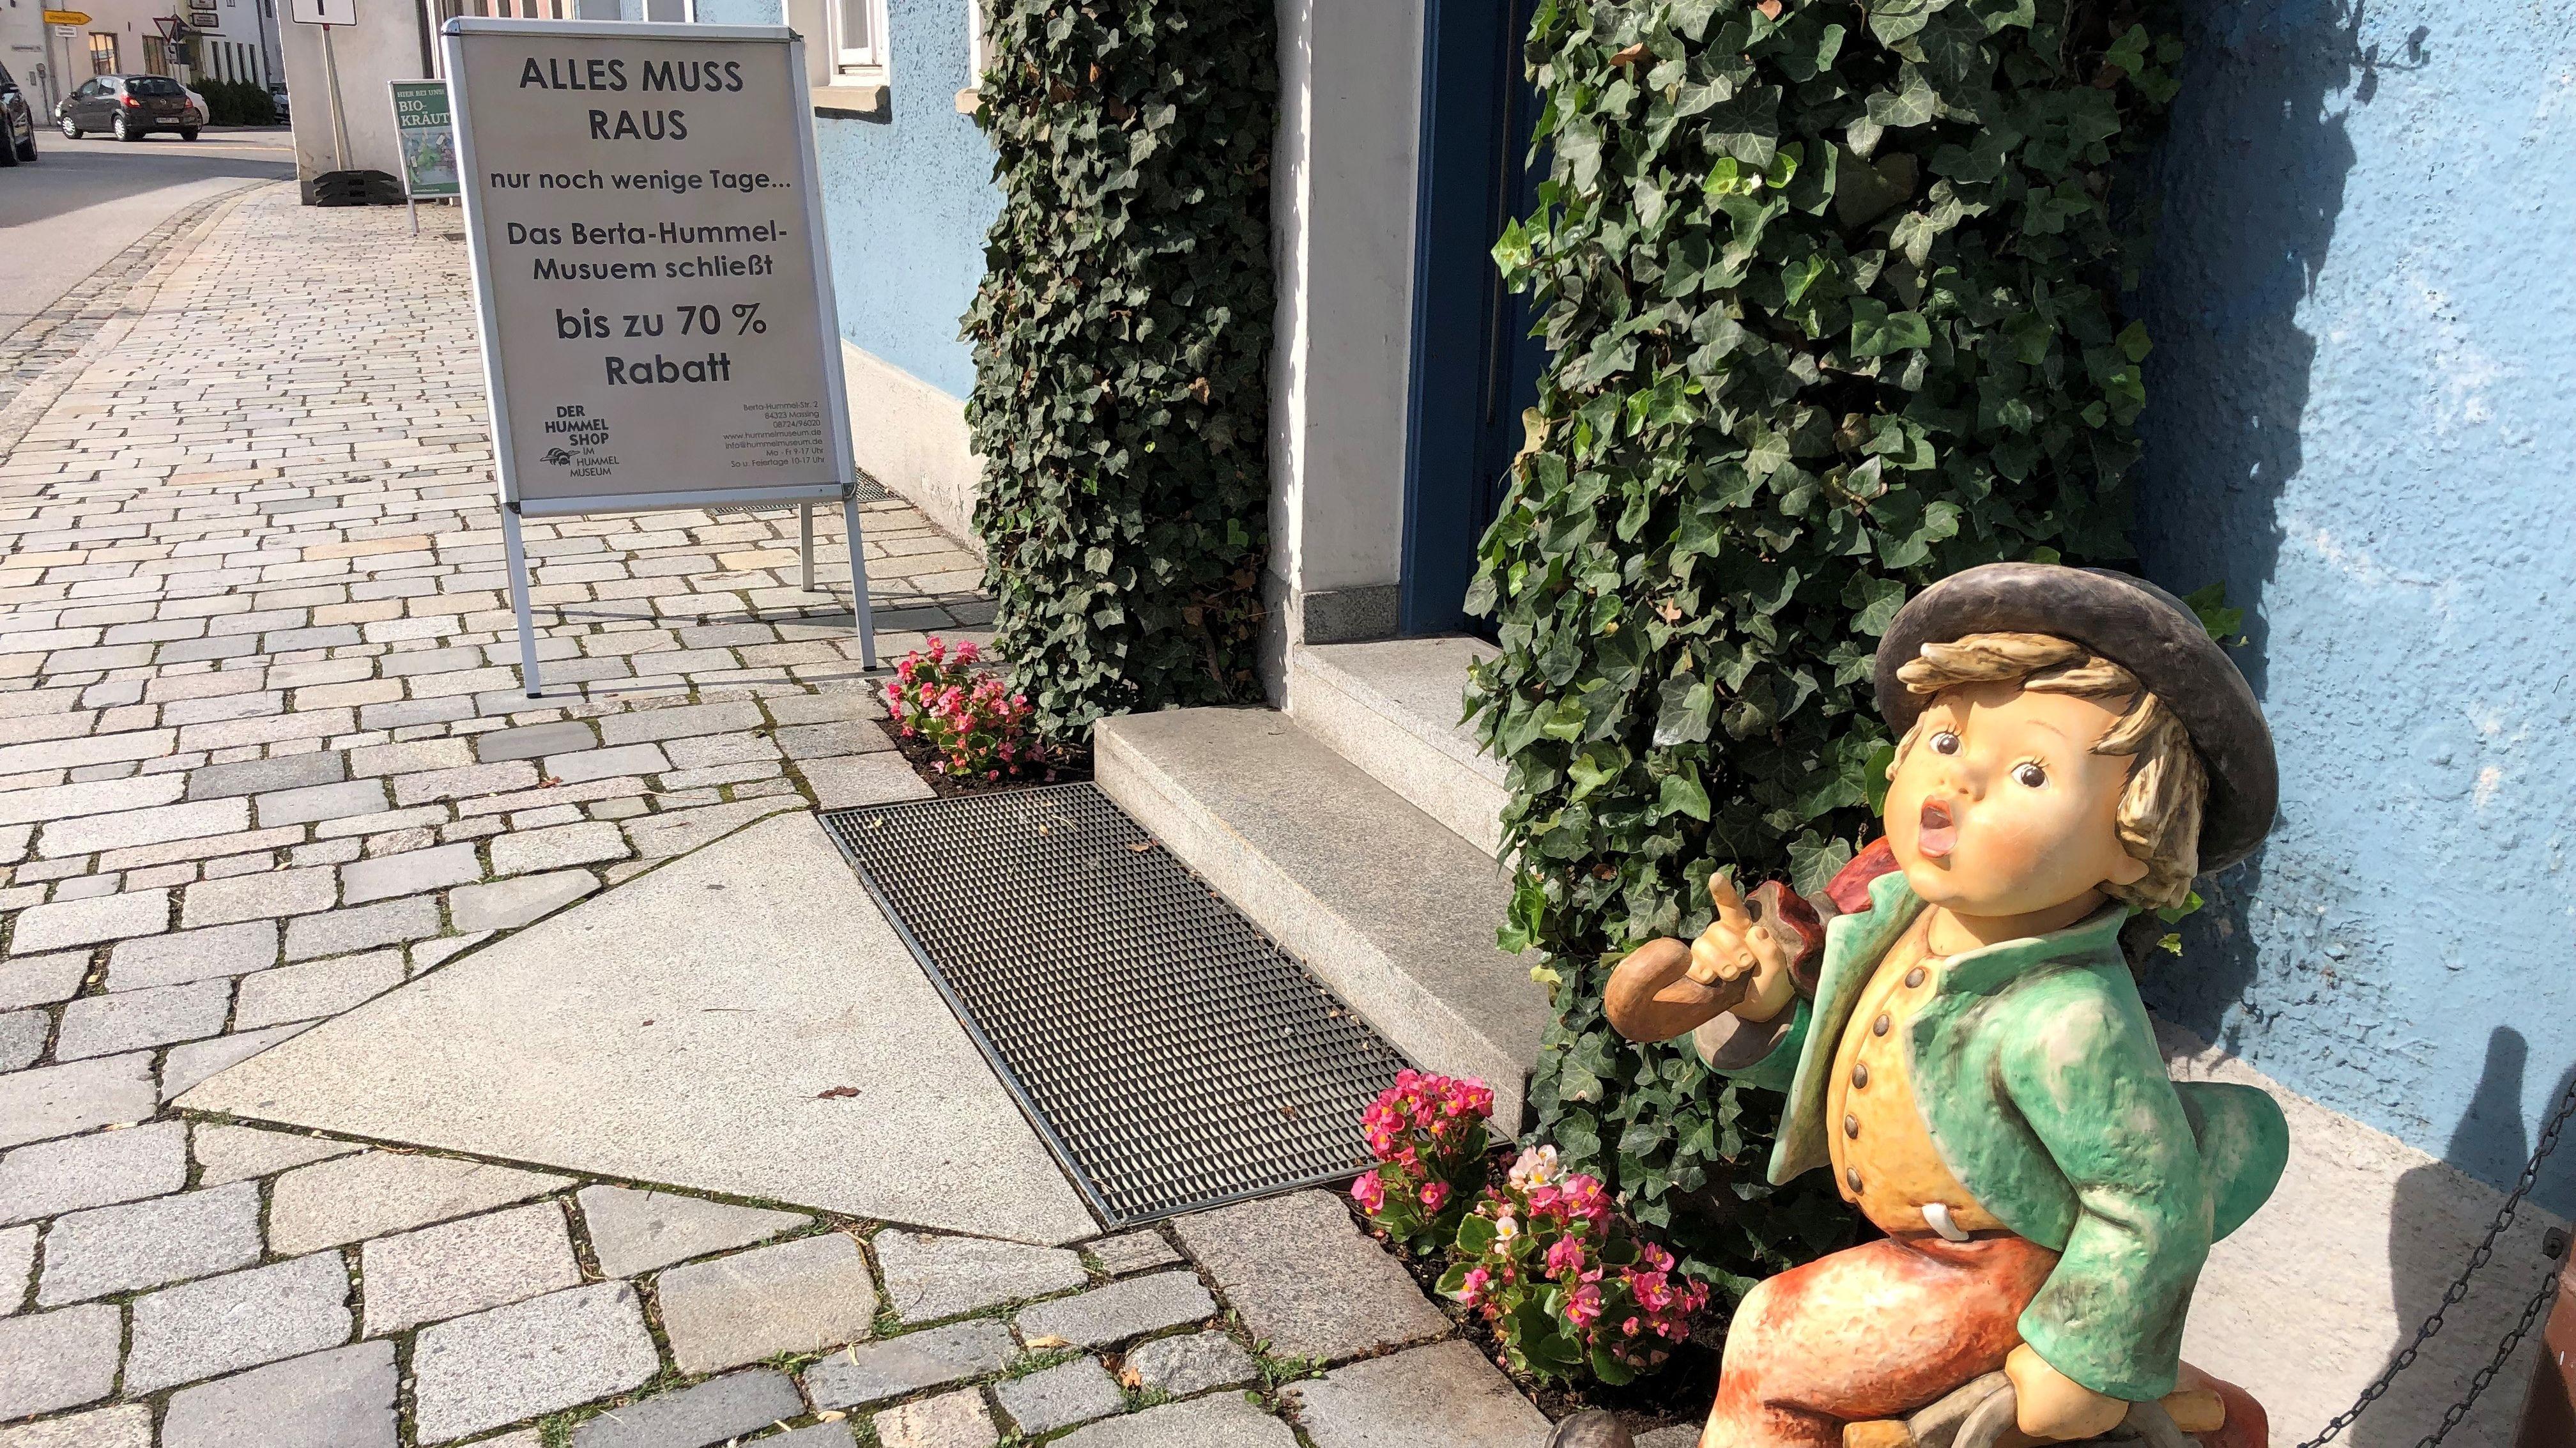 Berta-Hummel-Museum Massing